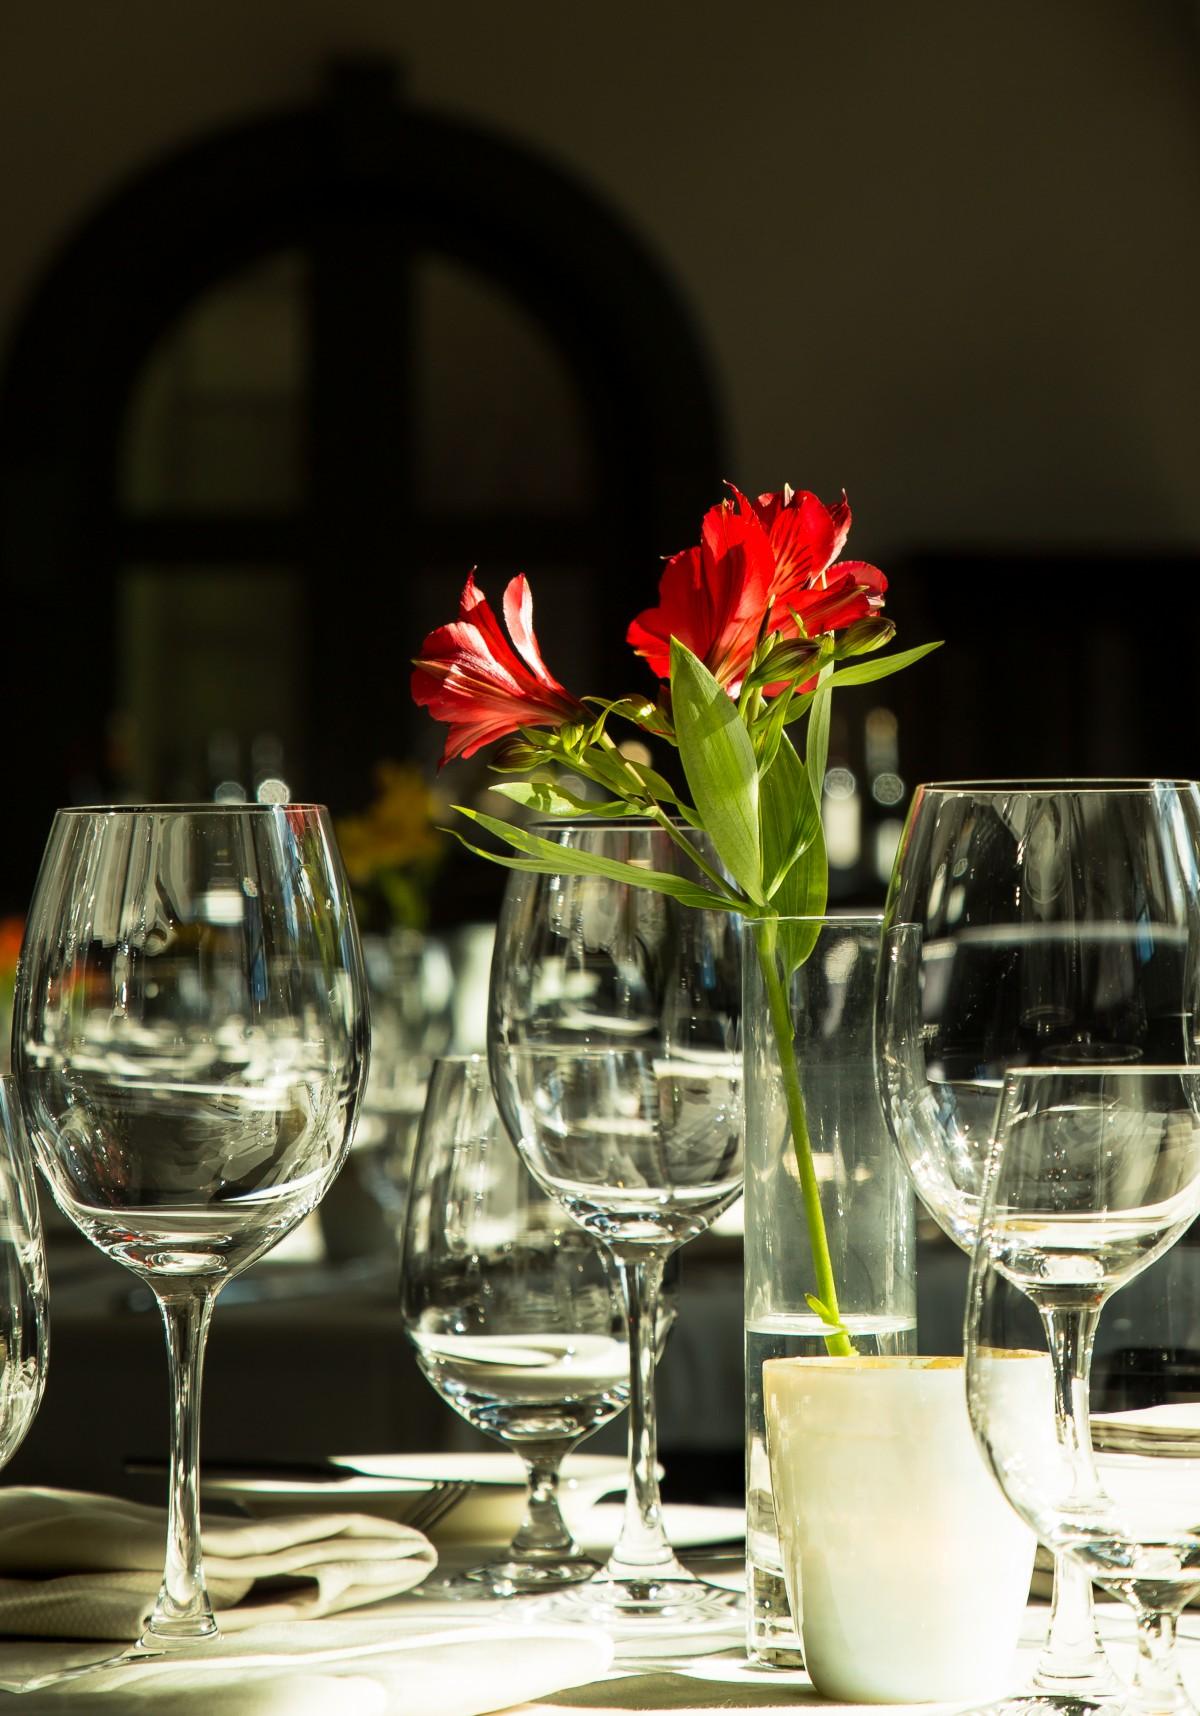 무료 이미지 : 표, 포도주, 레스토랑, 식사, 식품, 양초, 조명 ...